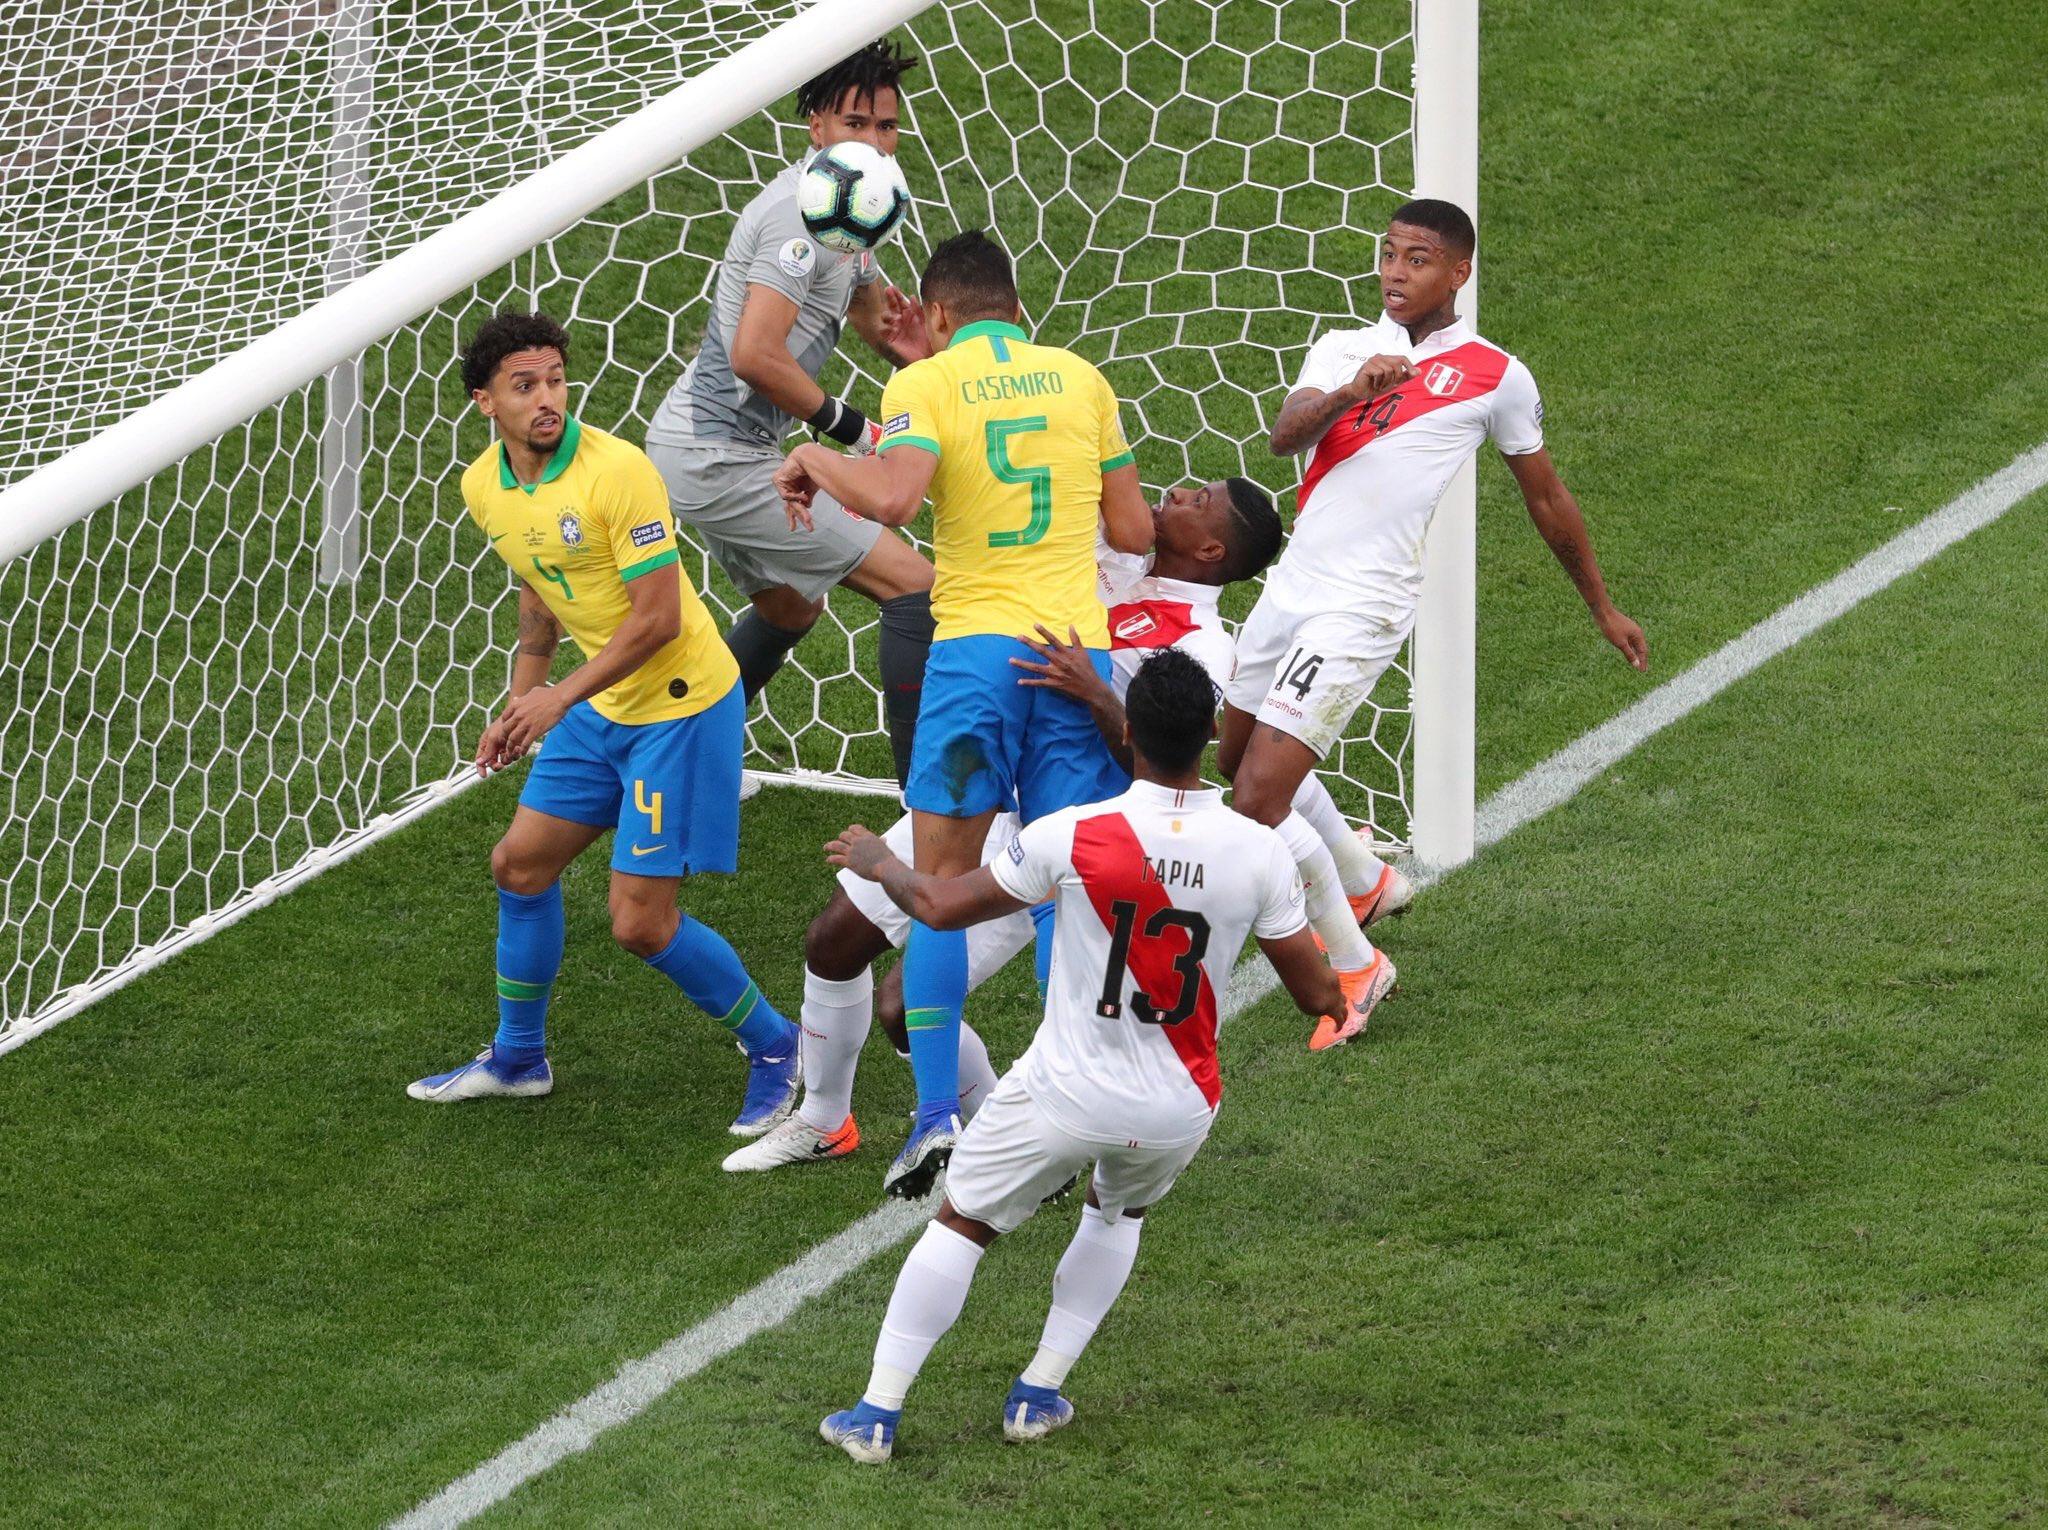 أهداف فوز البرازيل على بيرو - كوبا أمريكا